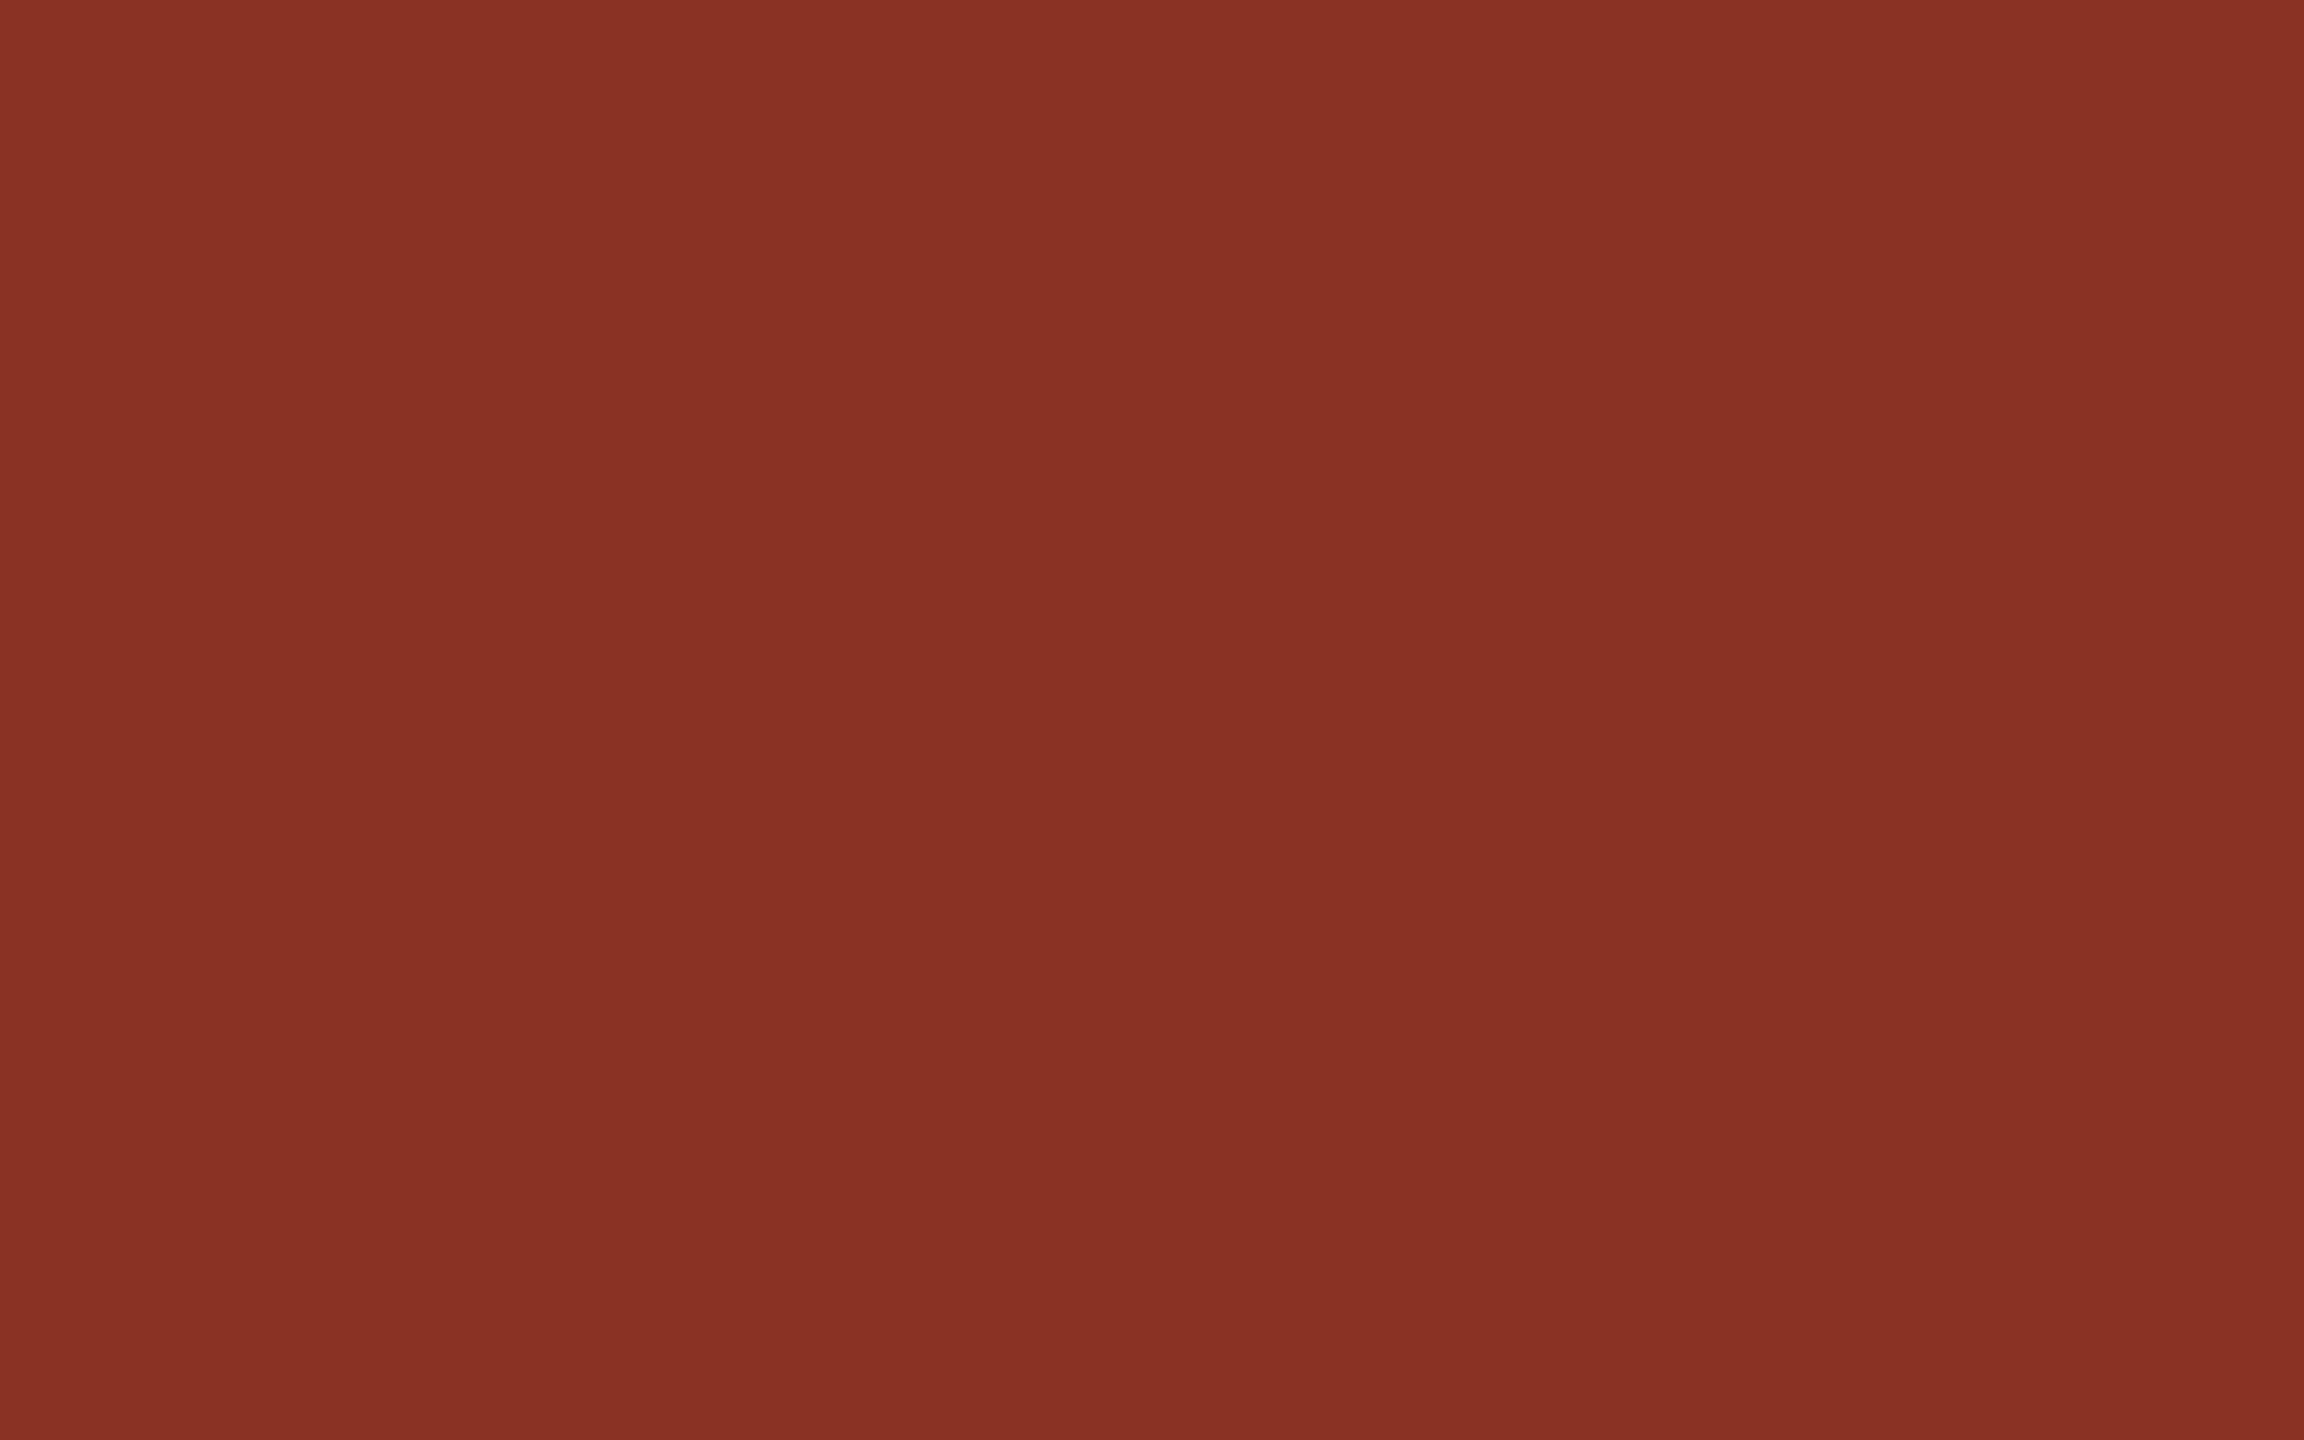 2304x1440 Burnt Umber Solid Color Background